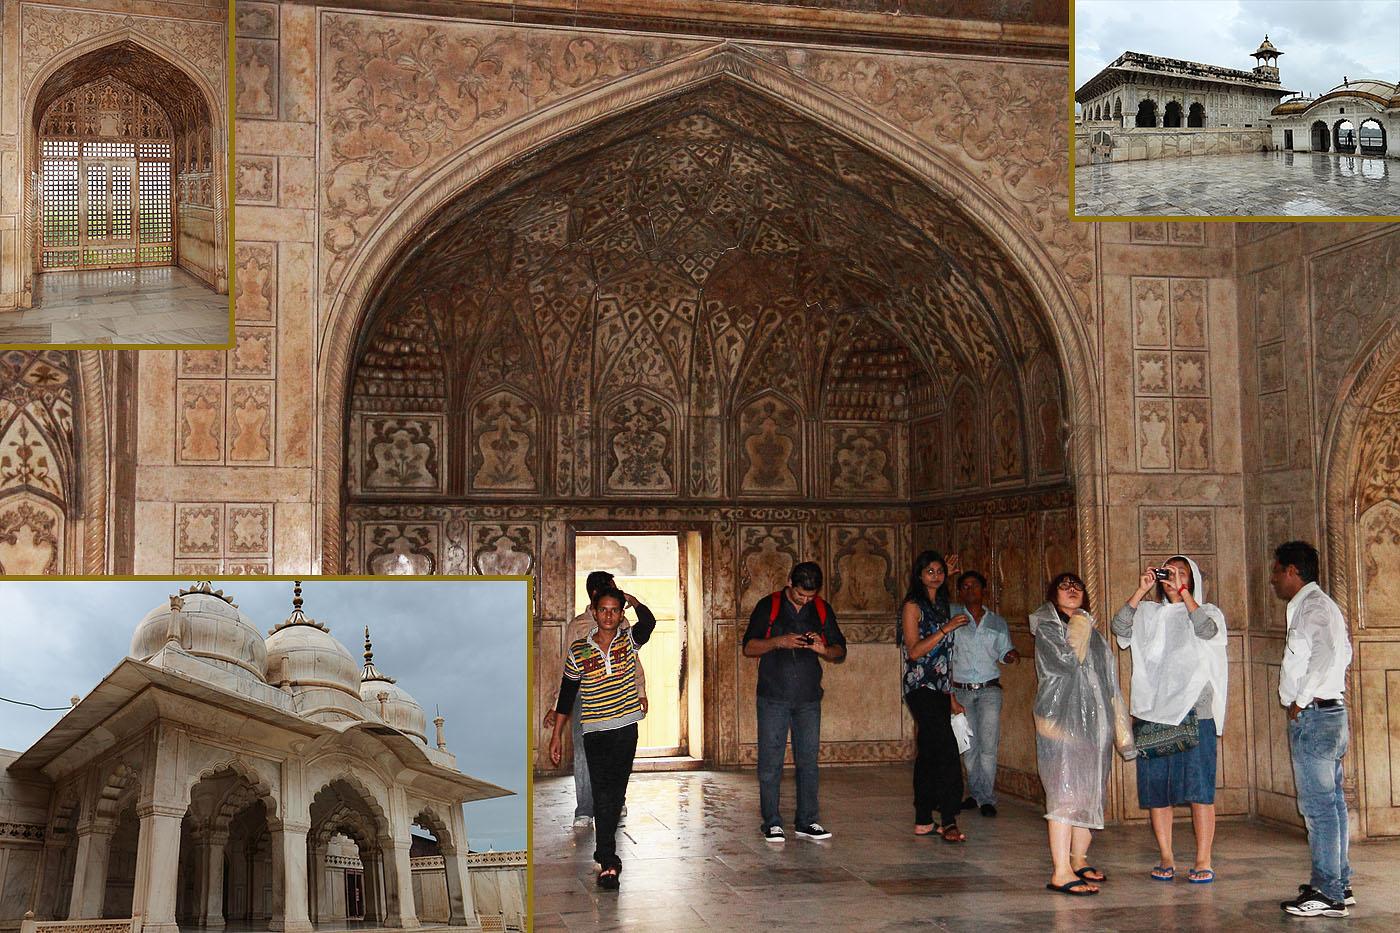 Фотография 9. Туры в Индию. В покоях правителей Агры